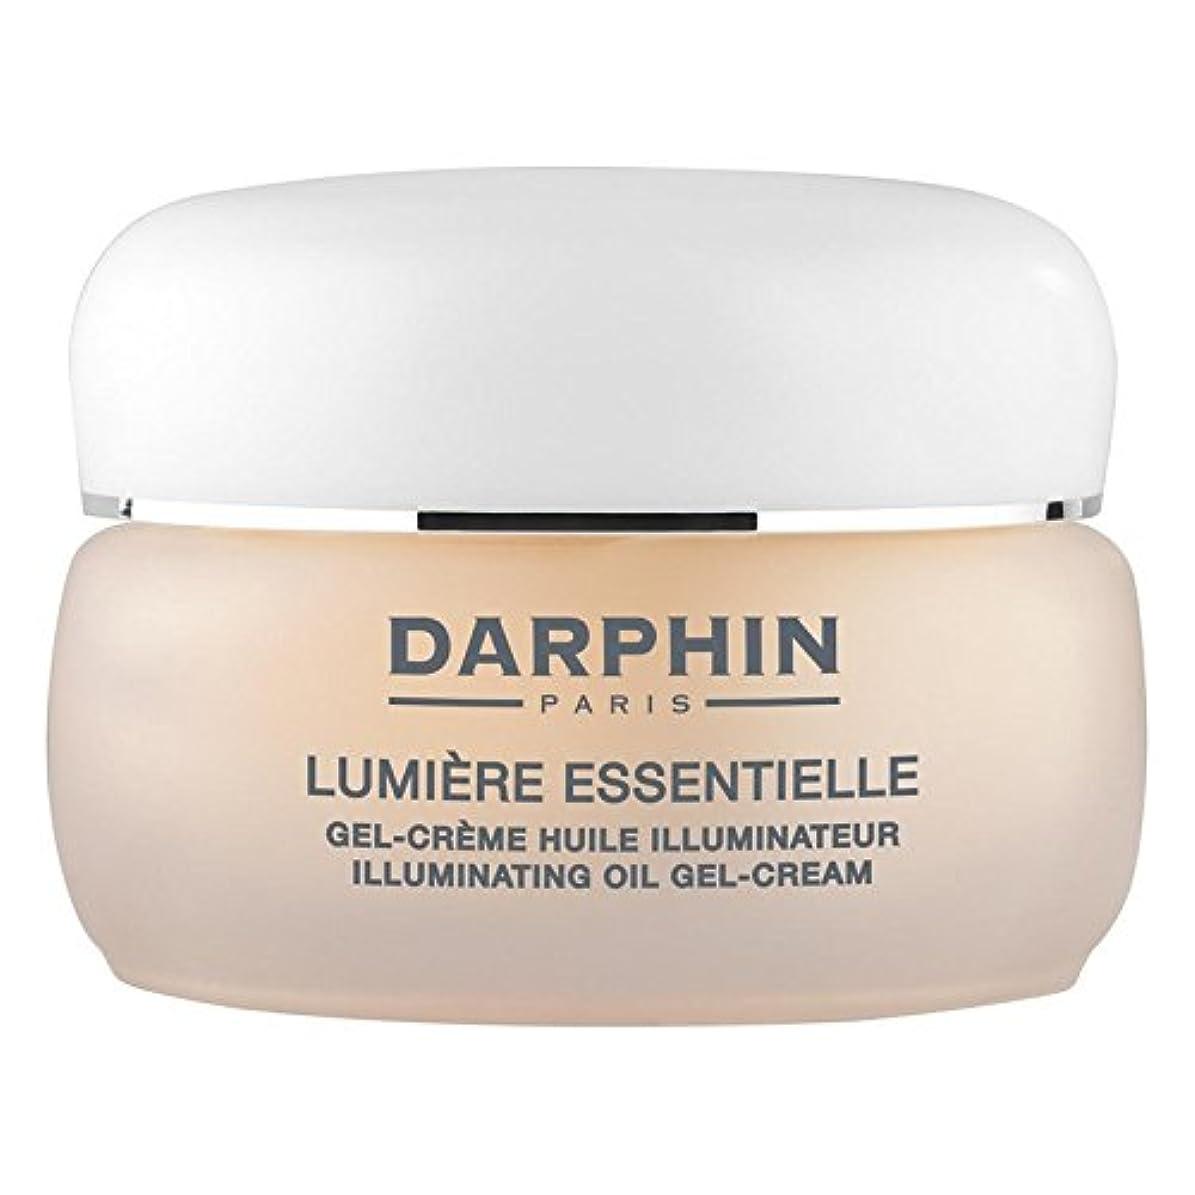 干し草まだ内なるダルファンリュミエールクリーム x4 - Darphin Lumiere Essentiell Cream (Pack of 4) [並行輸入品]